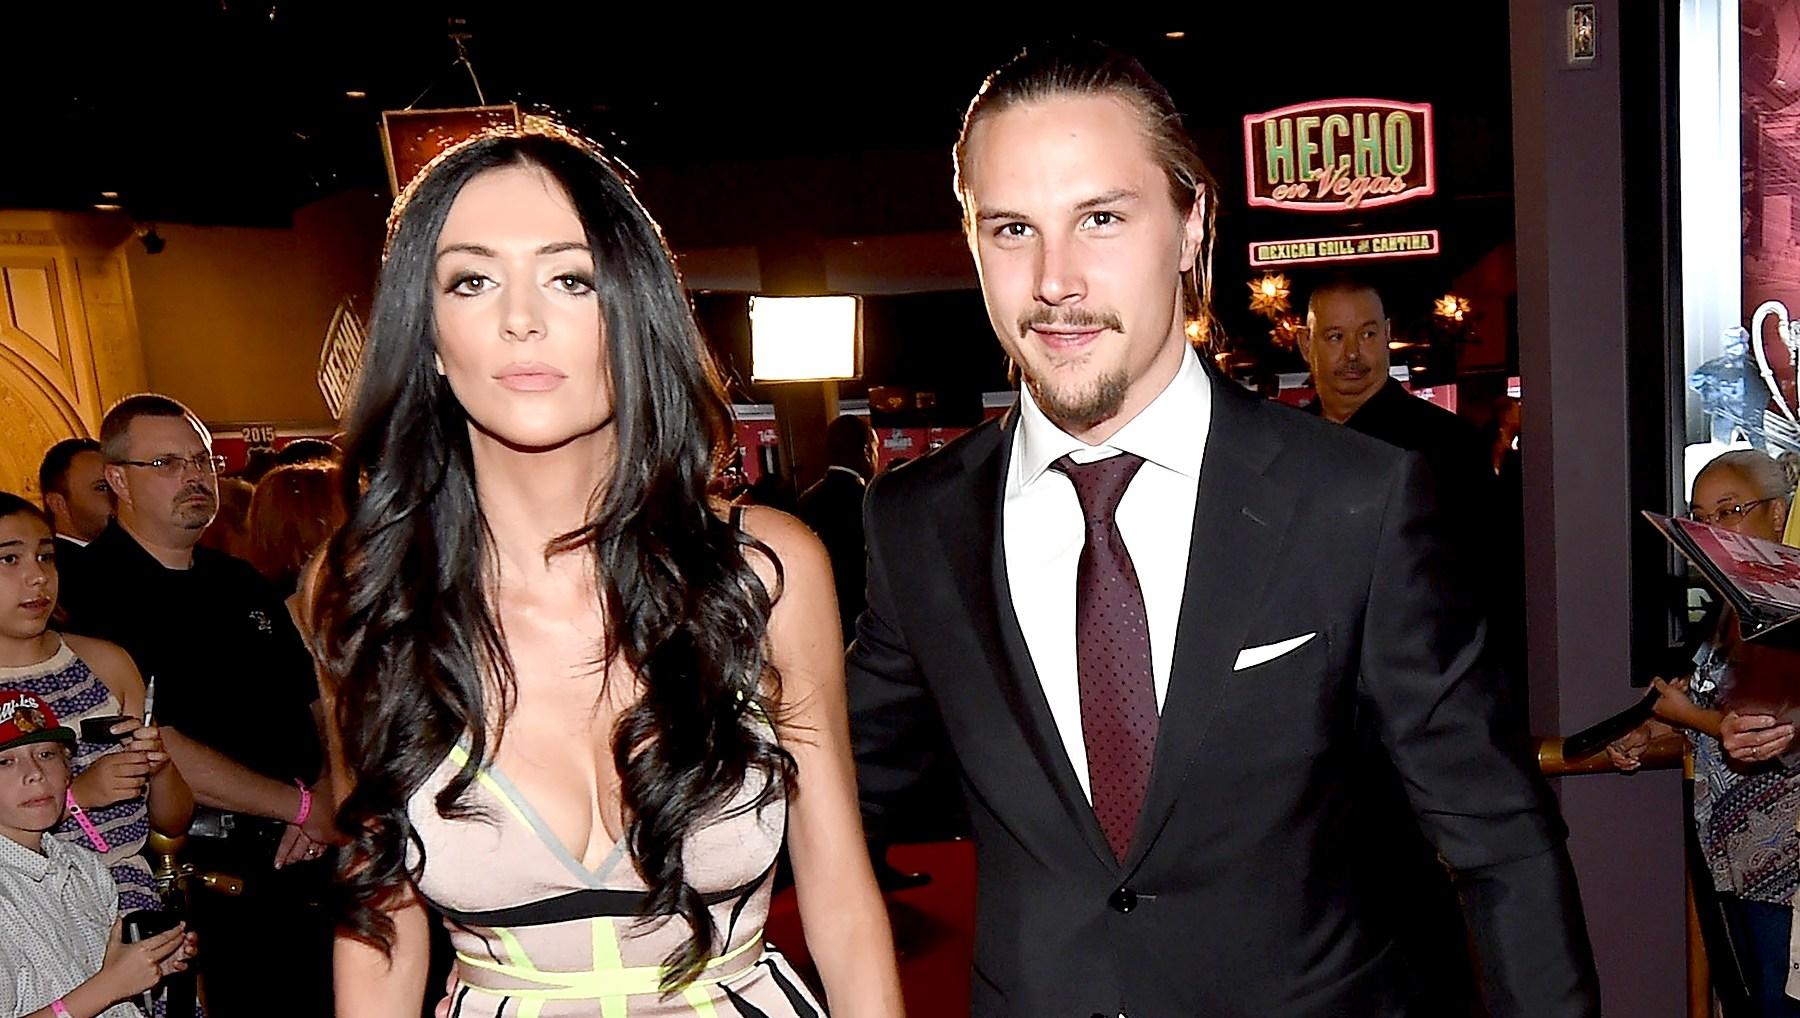 Erik-Karlsson-and-Melinda-Karlsson